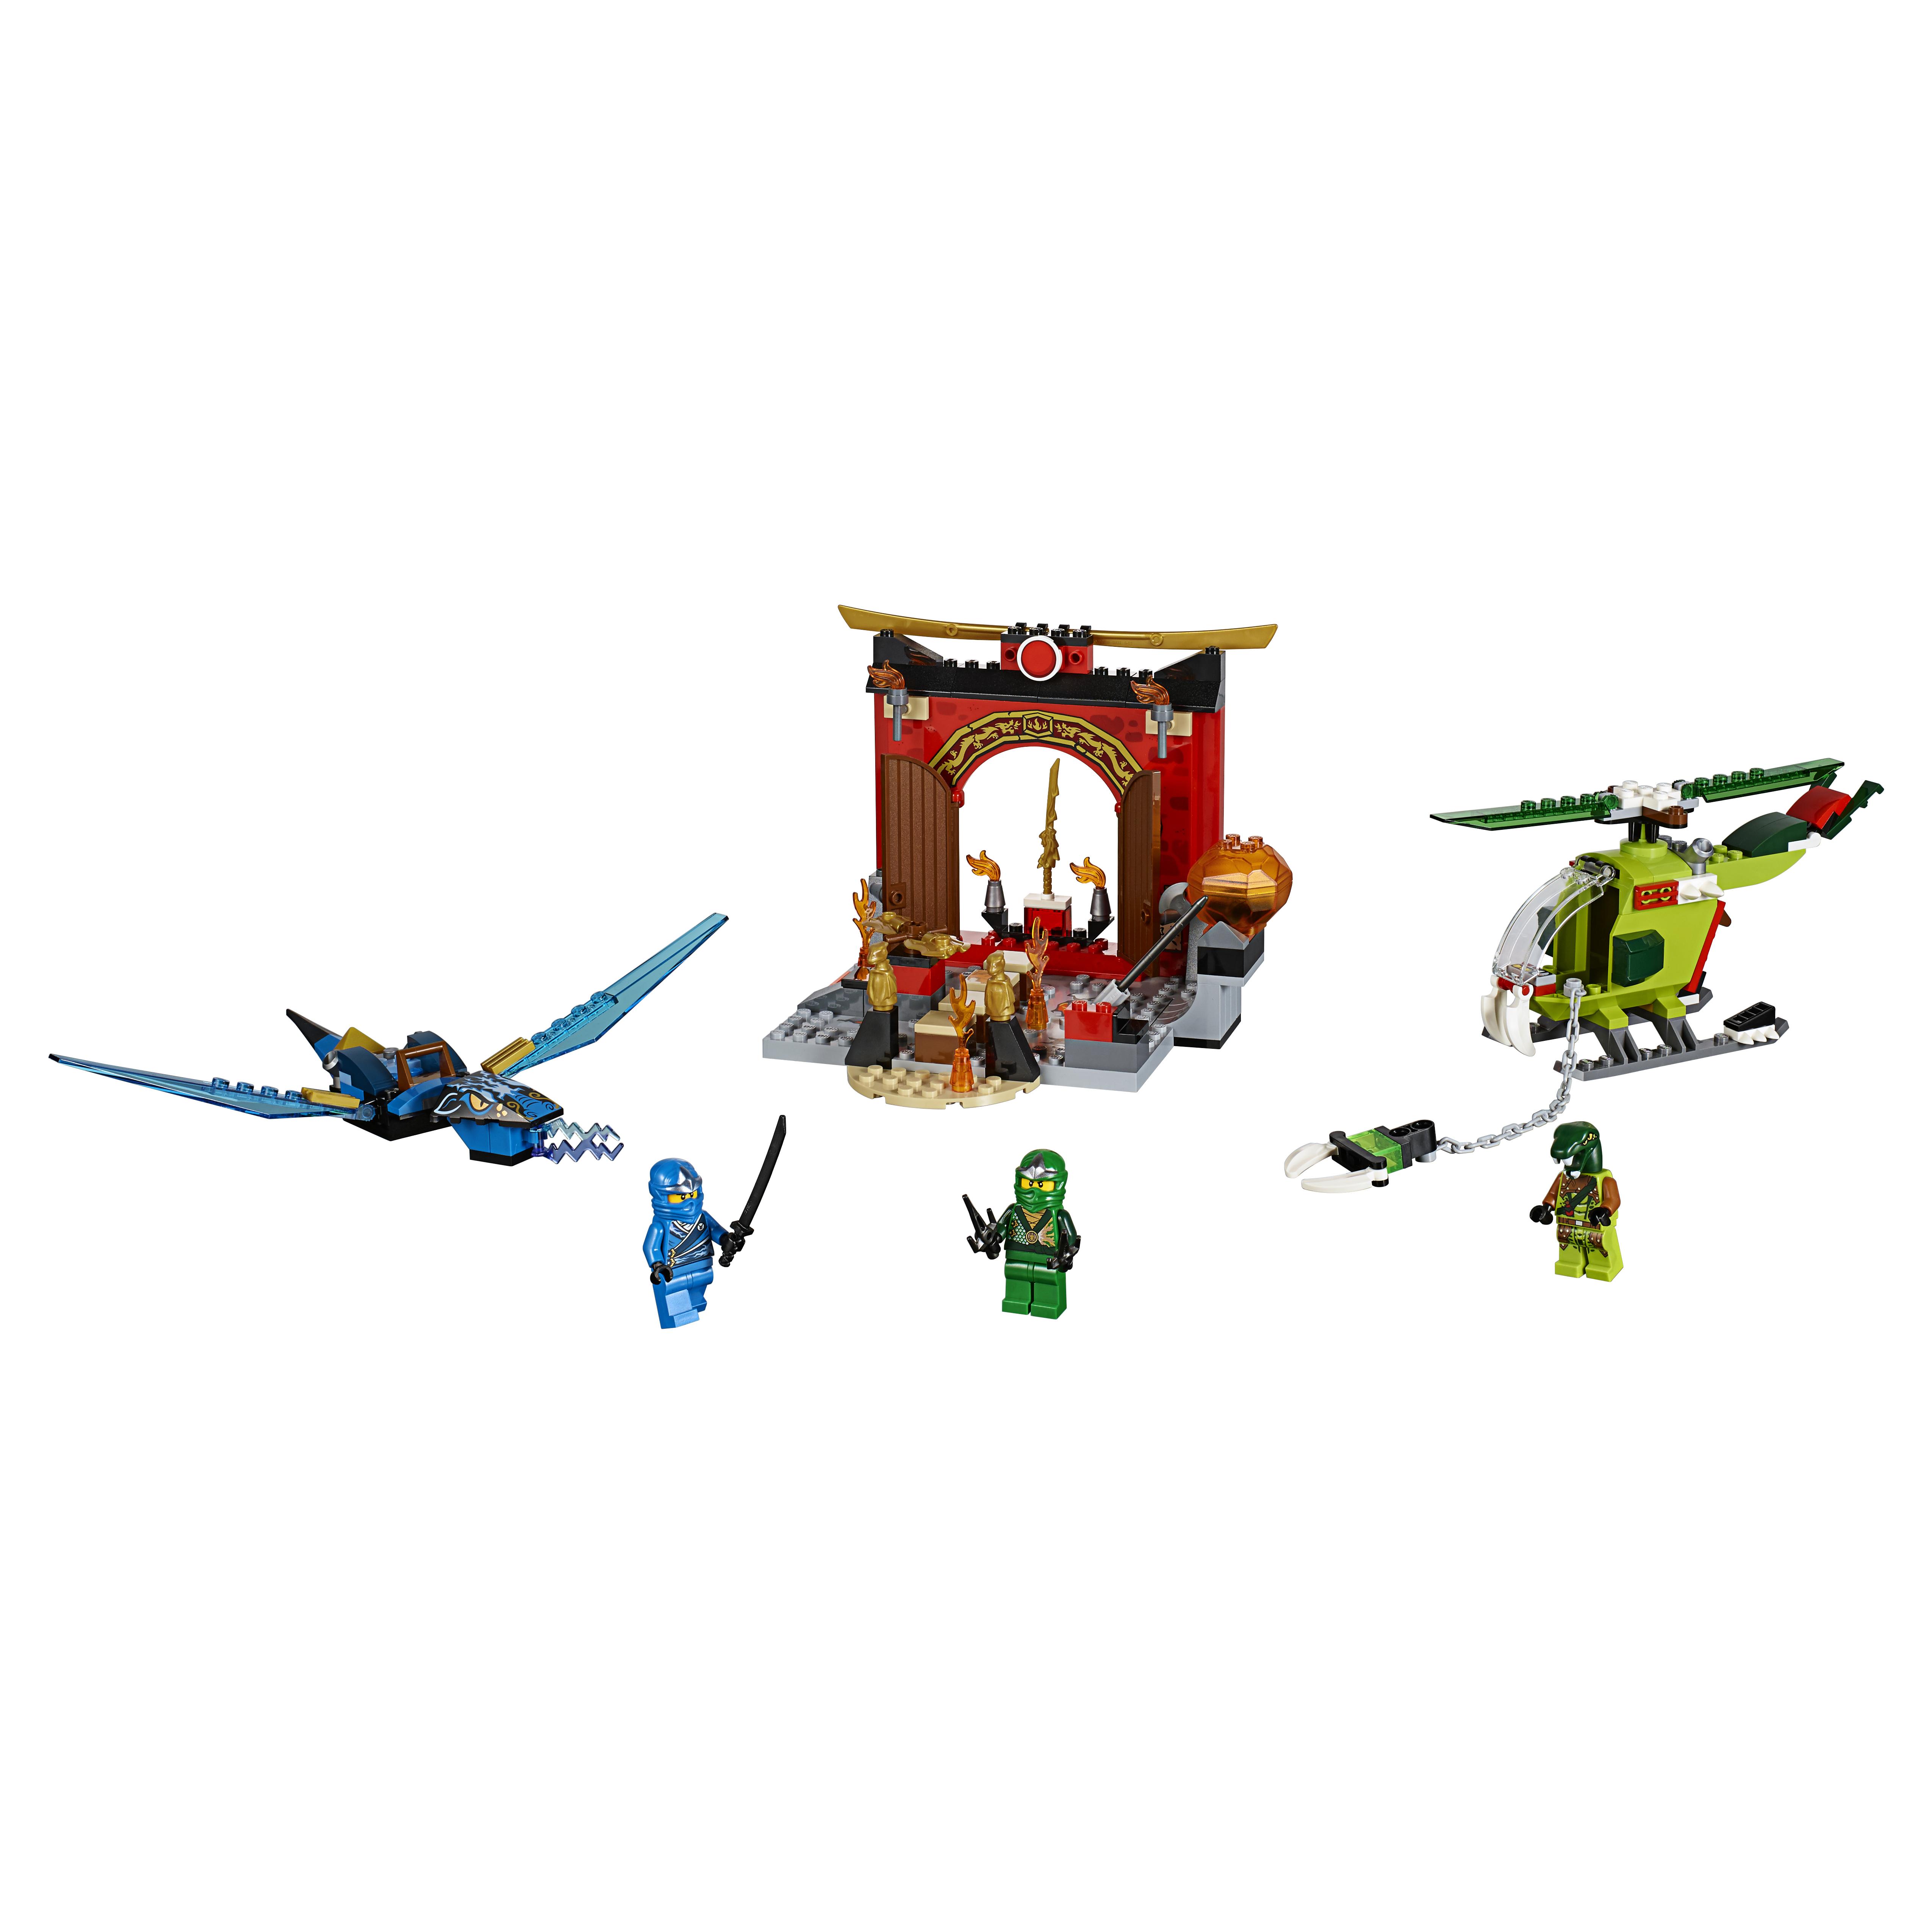 Конструктор LEGO Juniors Затерянный храм (10725) Конструктор LEGO Juniors Затерянный храм (10725)